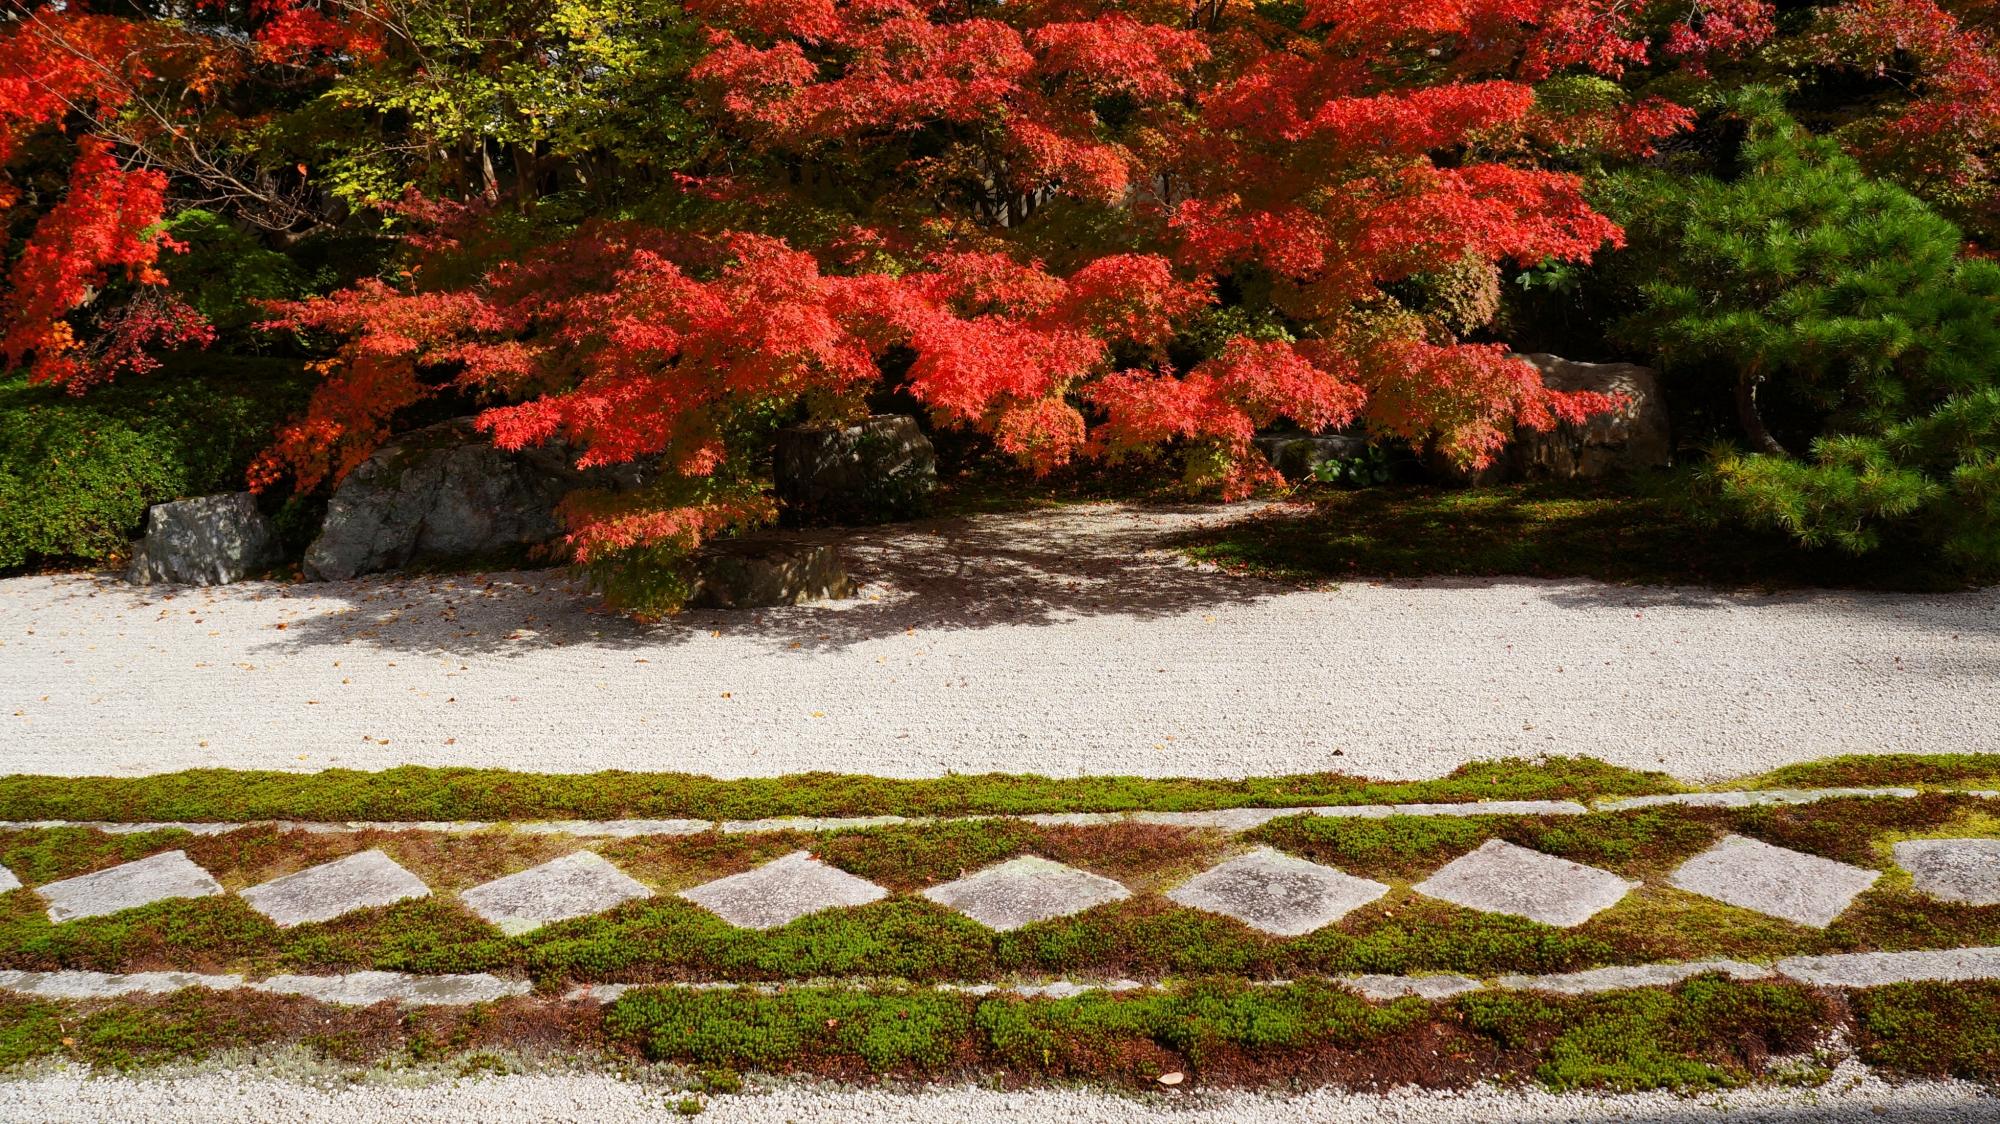 天授庵の紅葉と飛び石の絵になる秋の風景